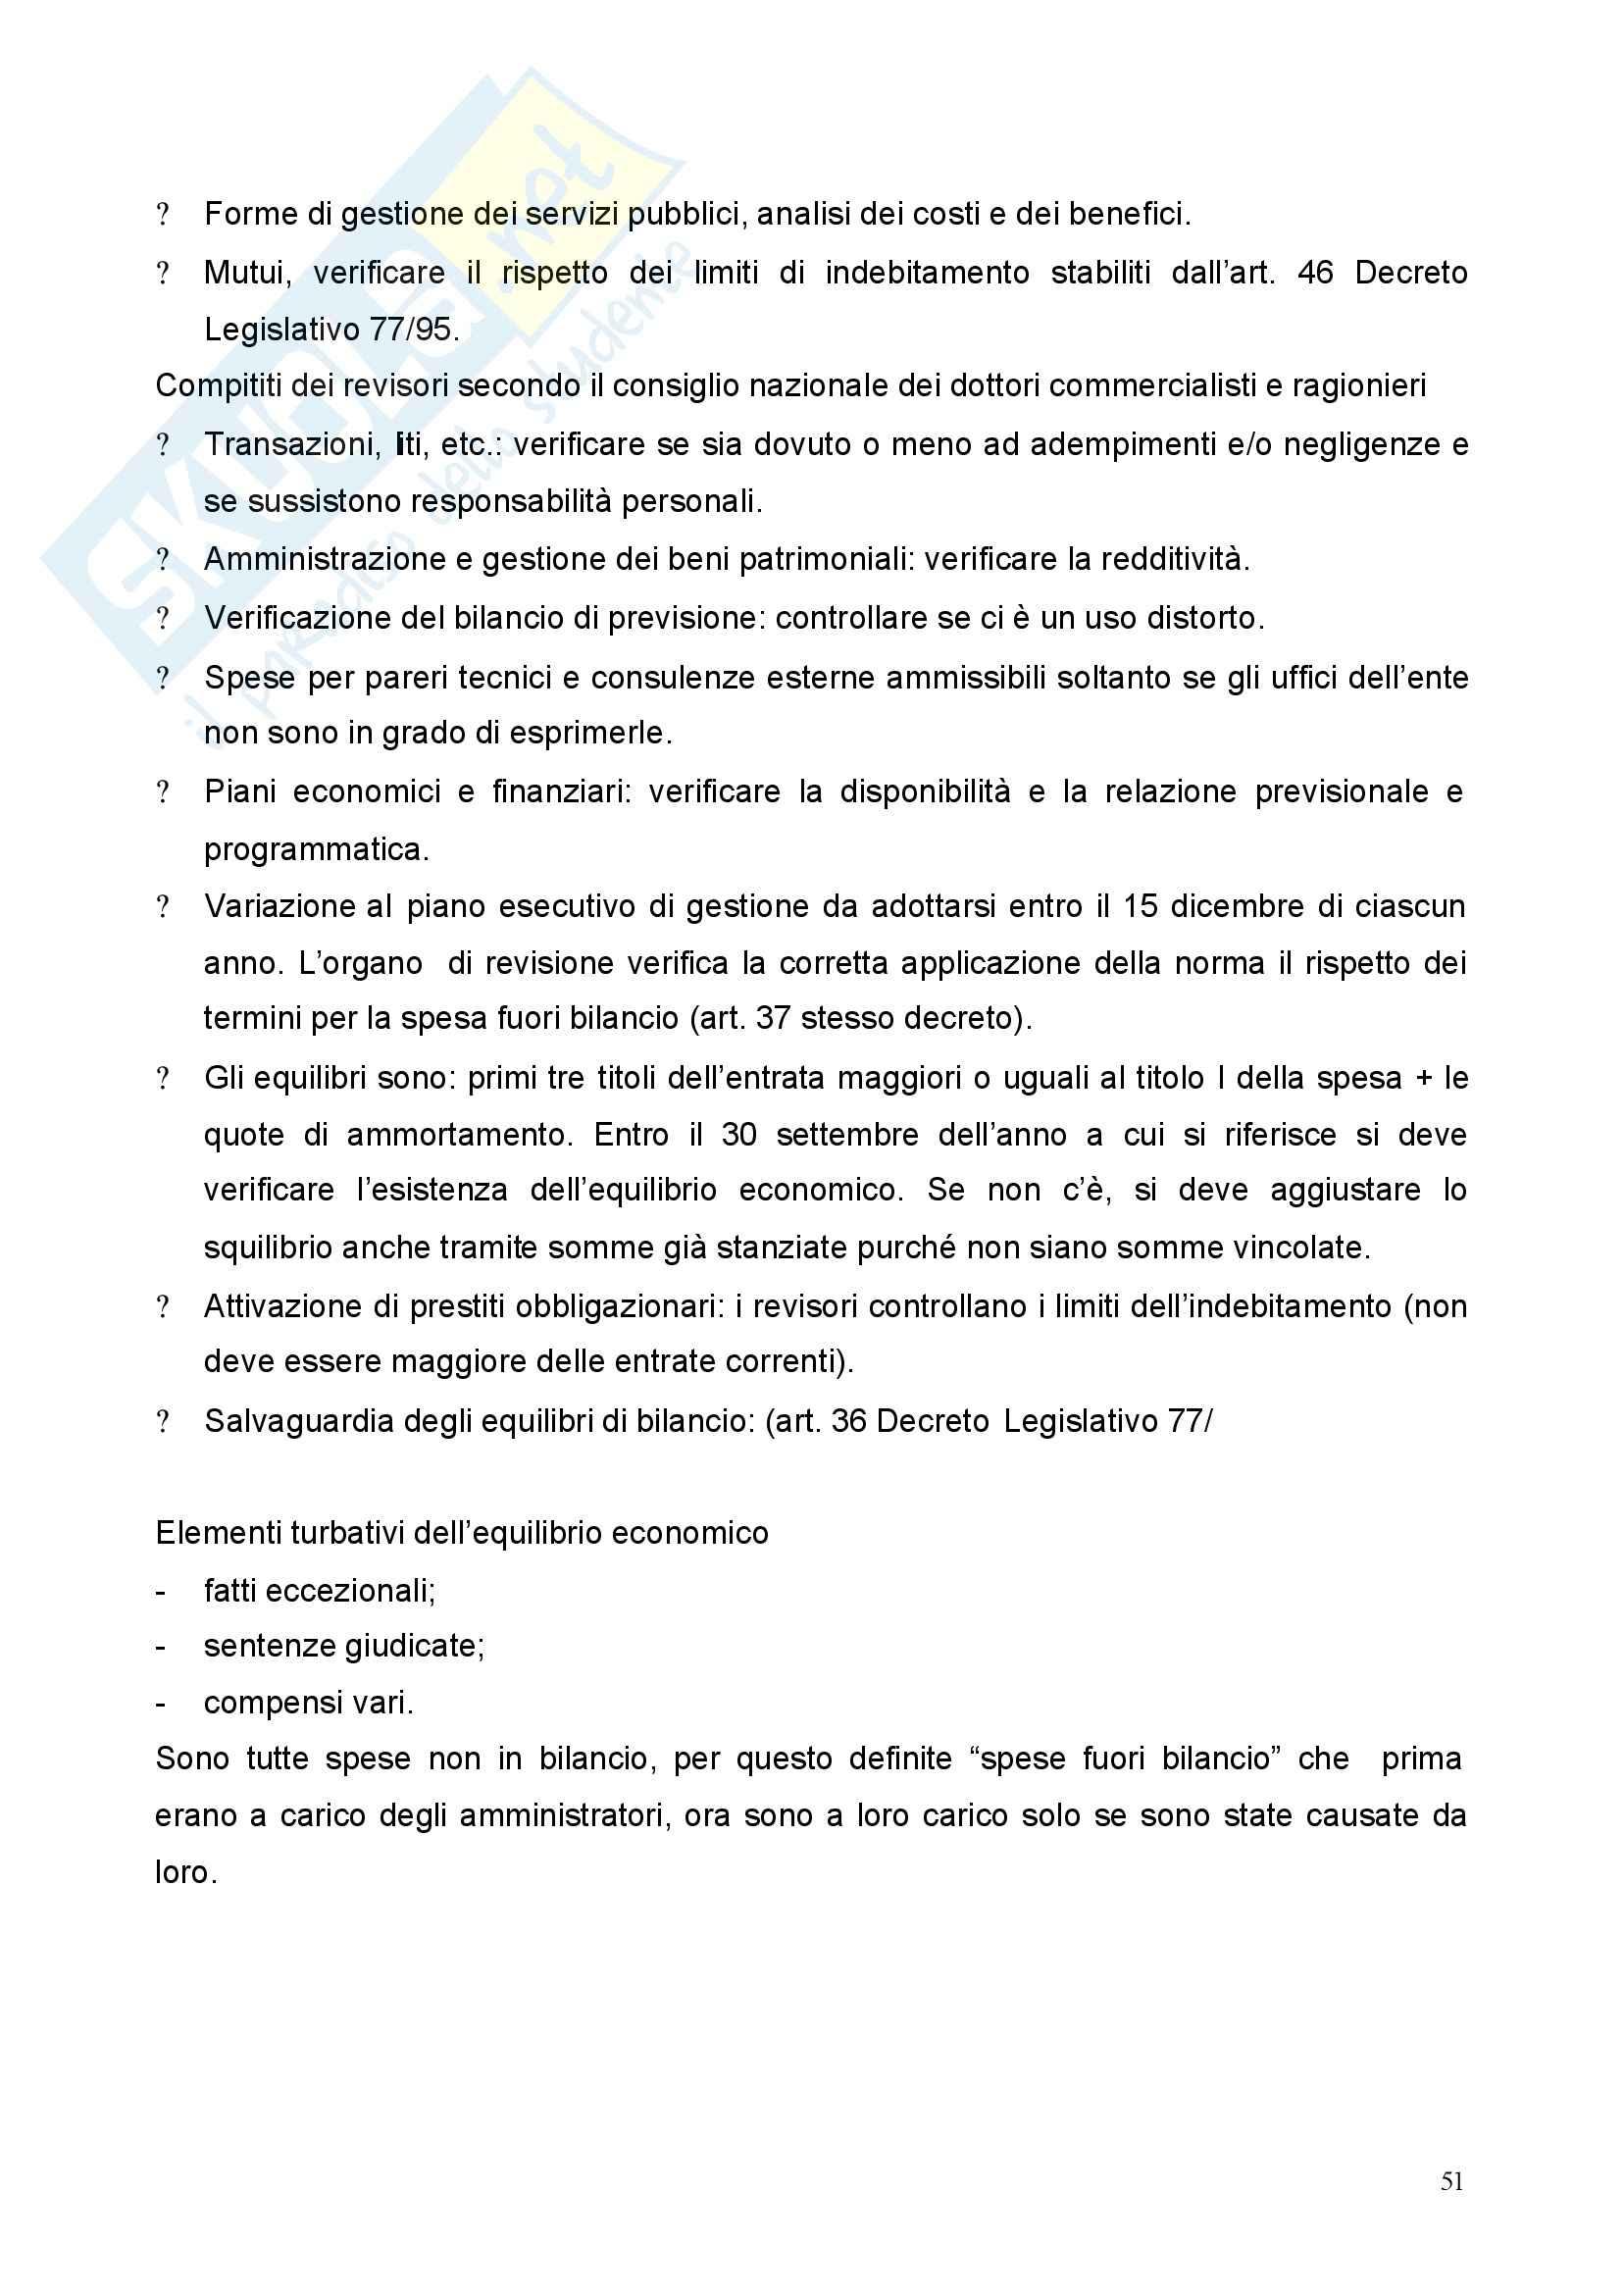 Economia Aziendale - Appunti Pag. 51